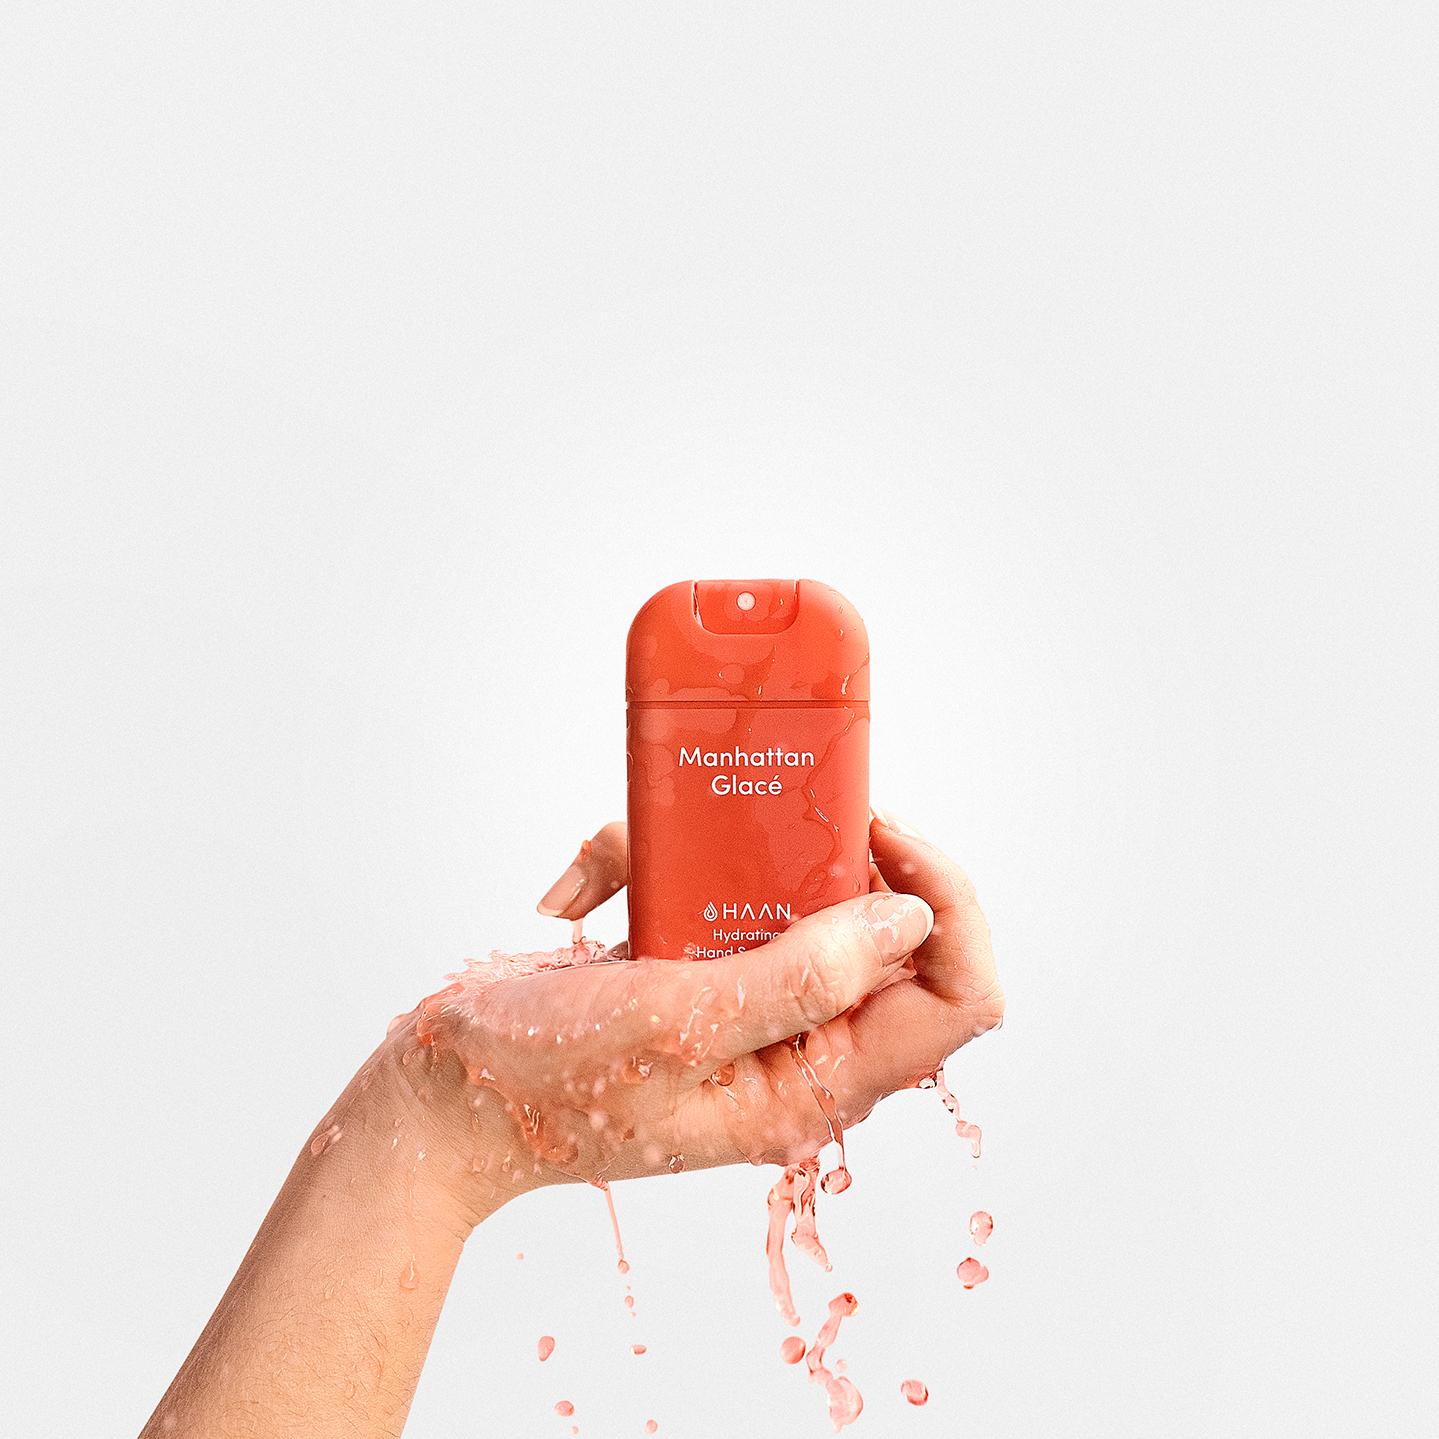 Haan niisutav käte desinfisteerimisvahend Manhattan Glace 10